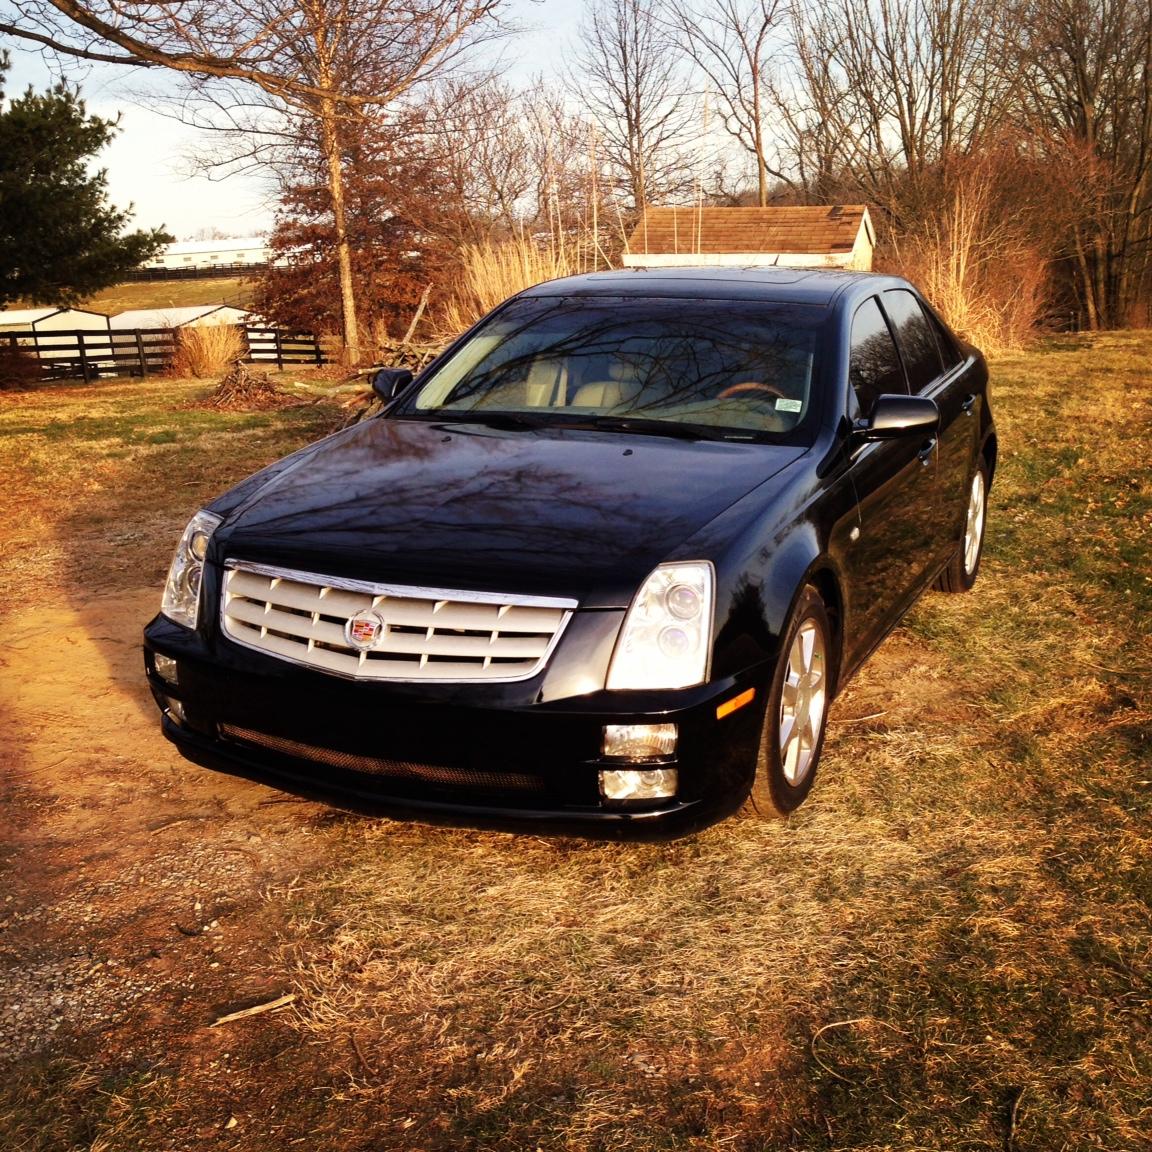 Cadillac Stsv: 2005 Cadillac STS